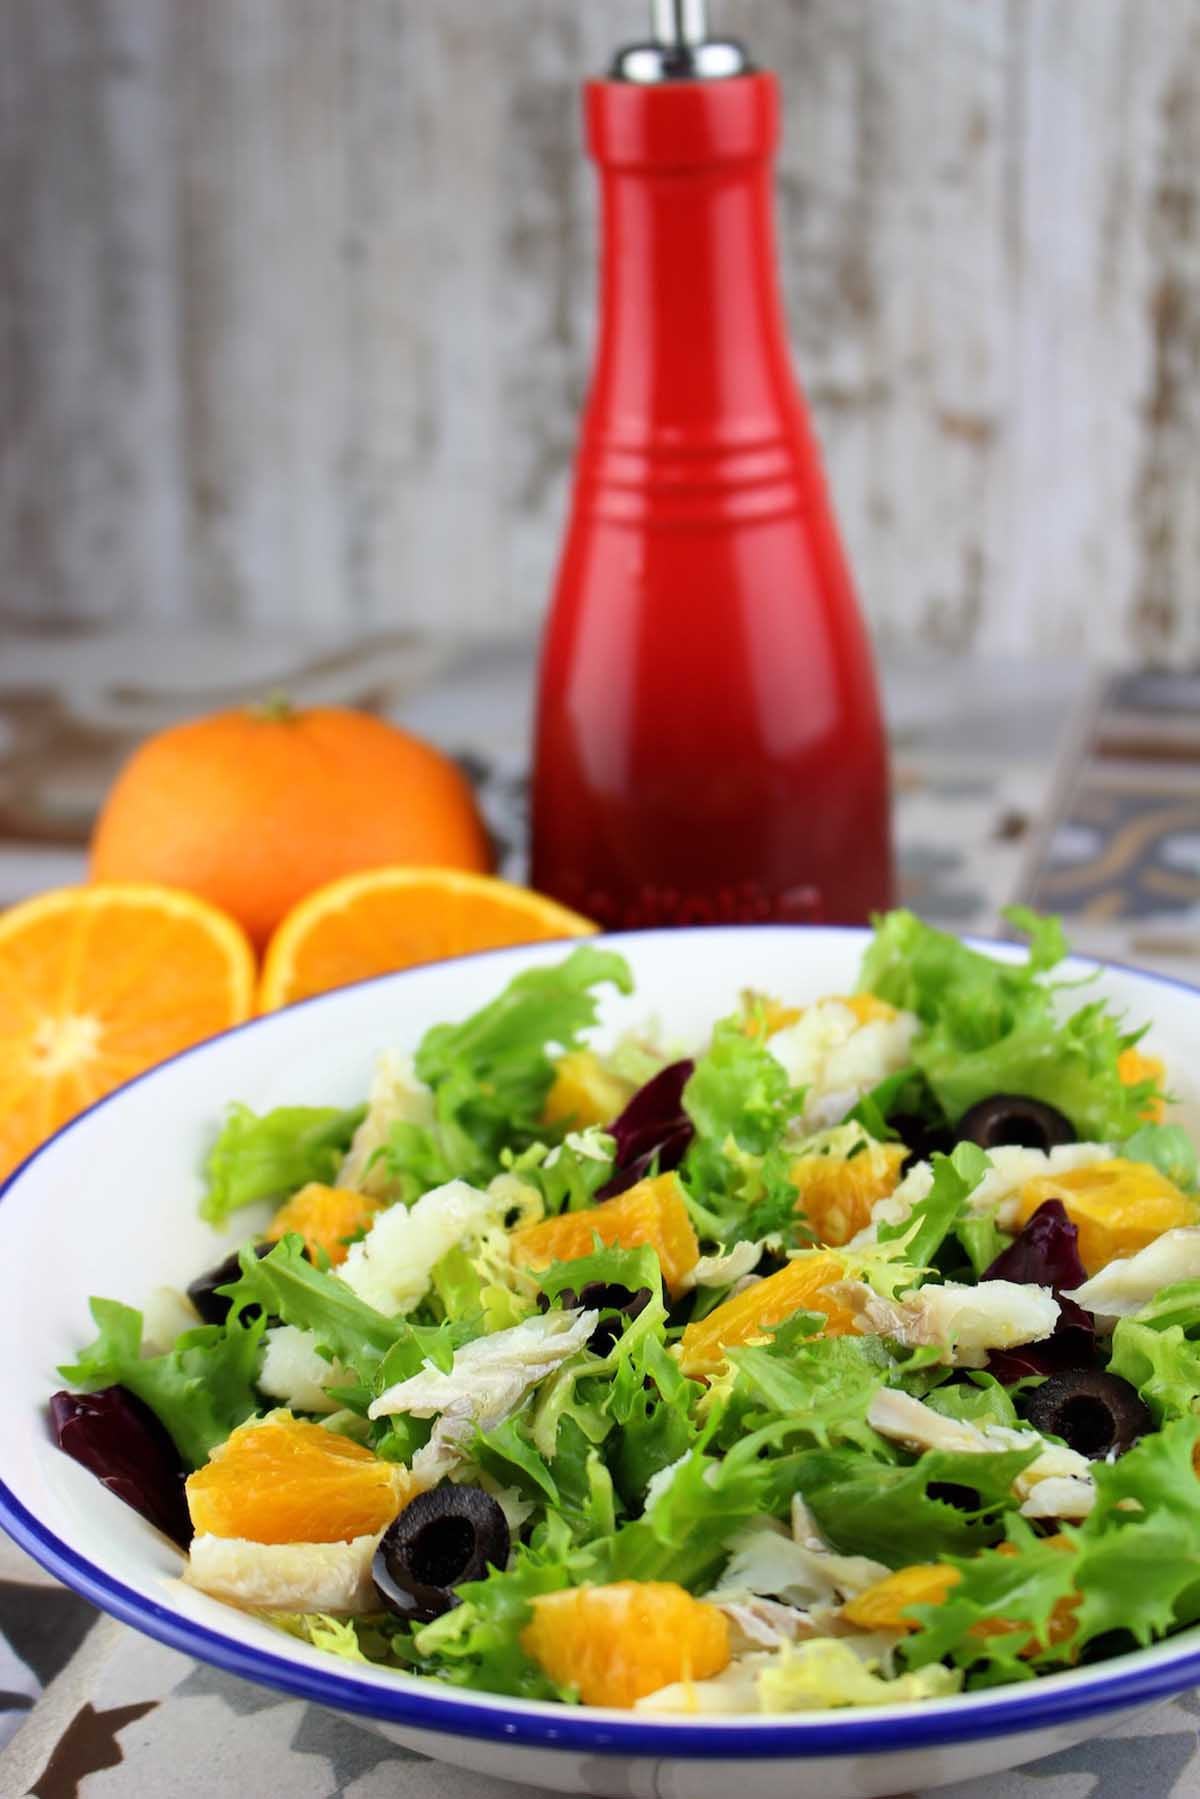 Ensalada con bacalao, naranja y aceitunas negras